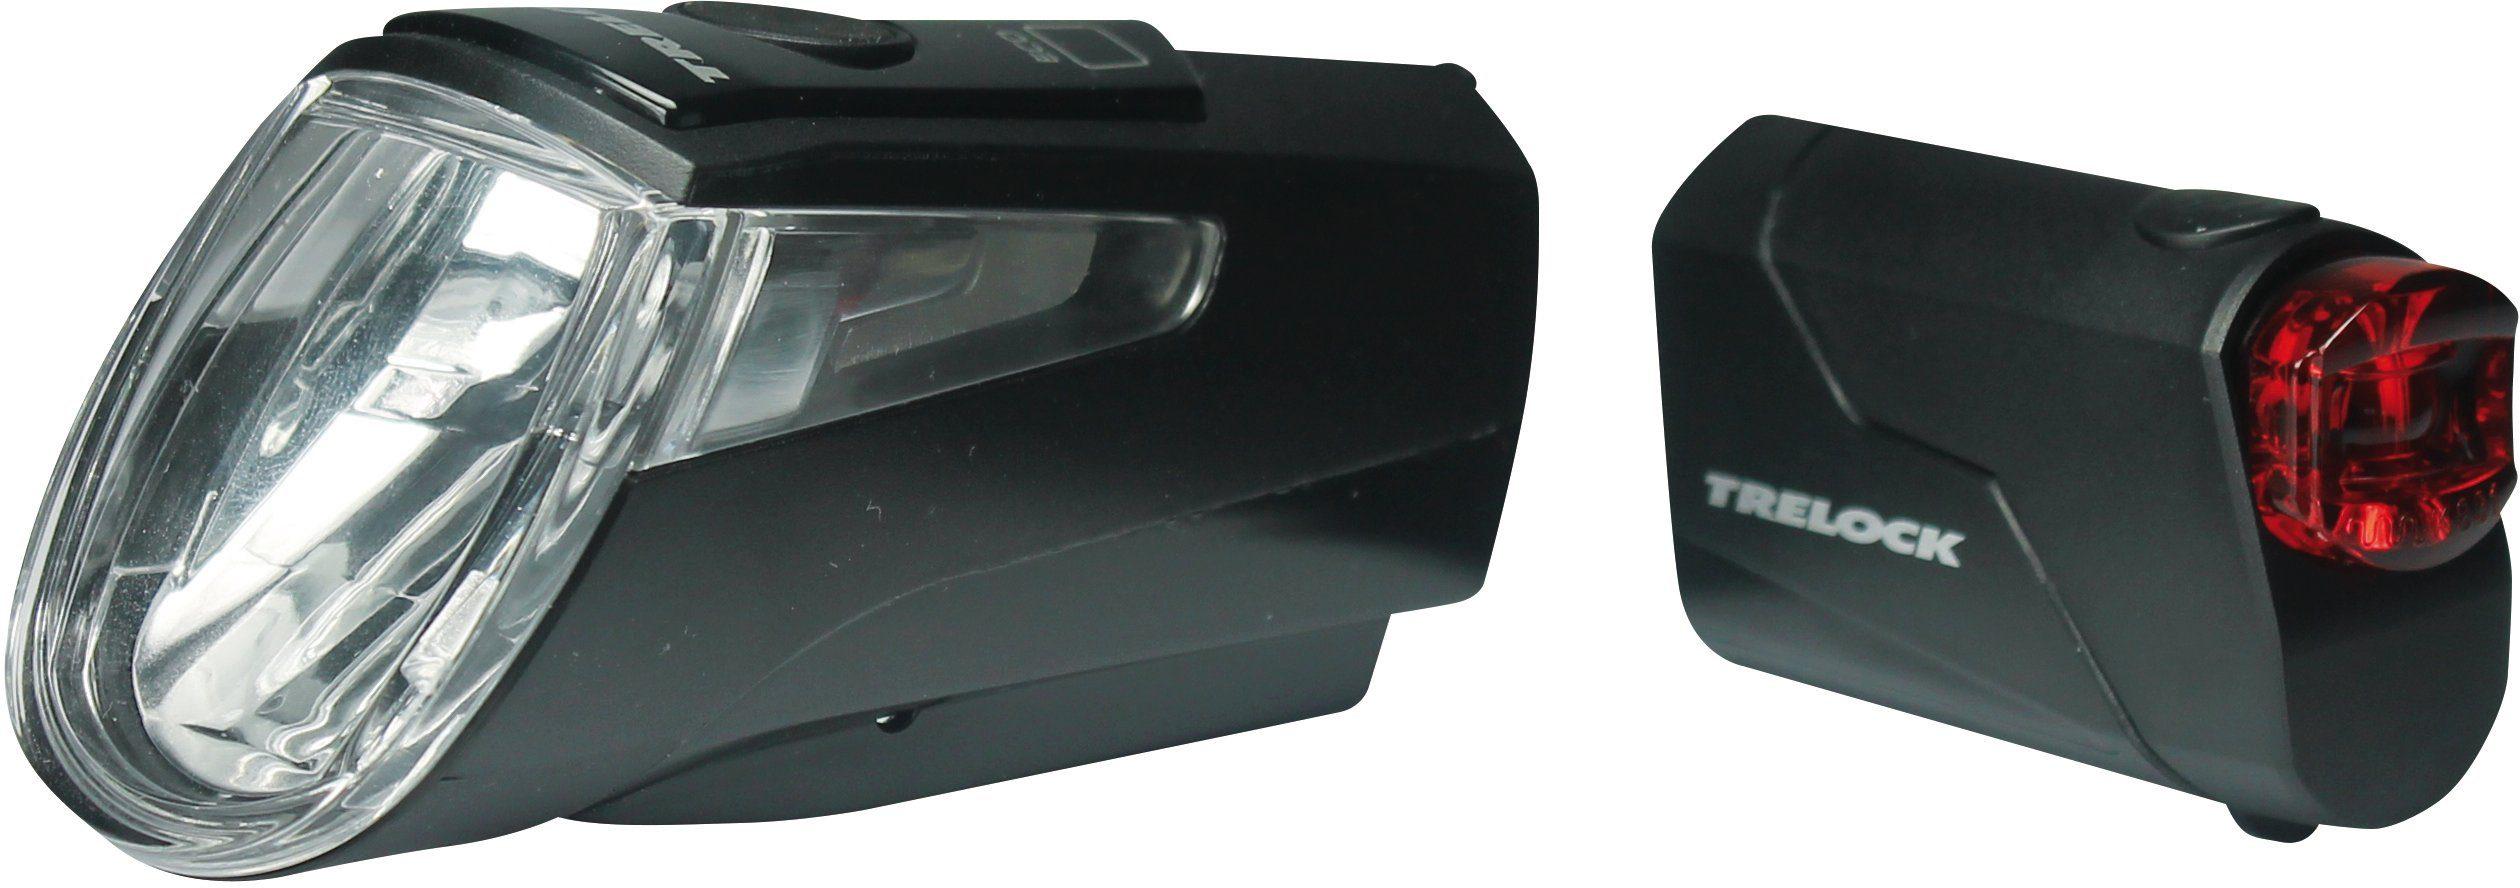 Trelock Fahrradbeleuchtung »LS 460 I-GO® POWER« (Set, Front- und Rücklicht)